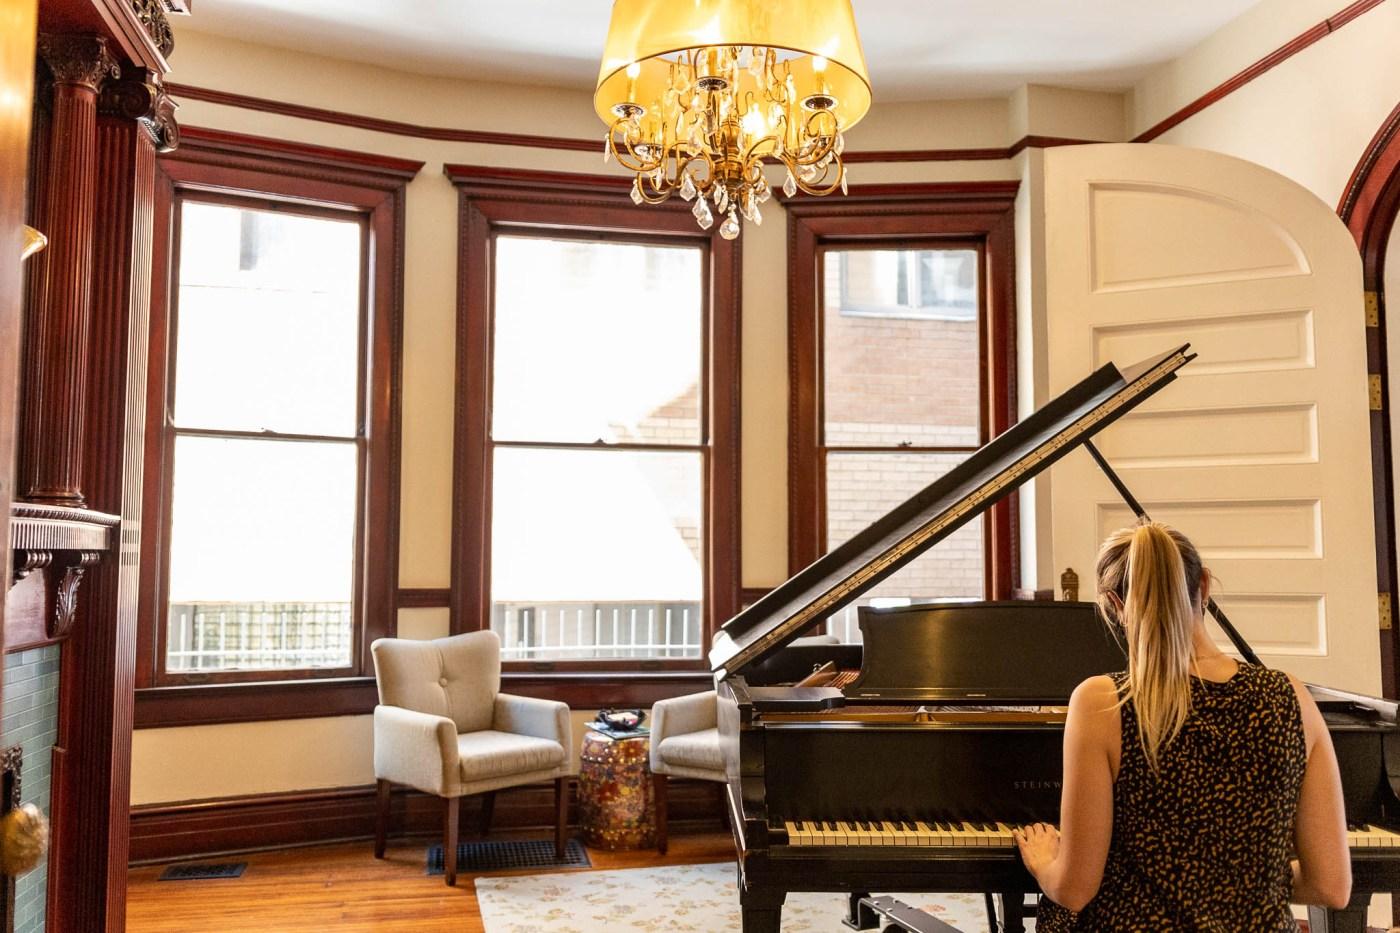 artplay piano historic home